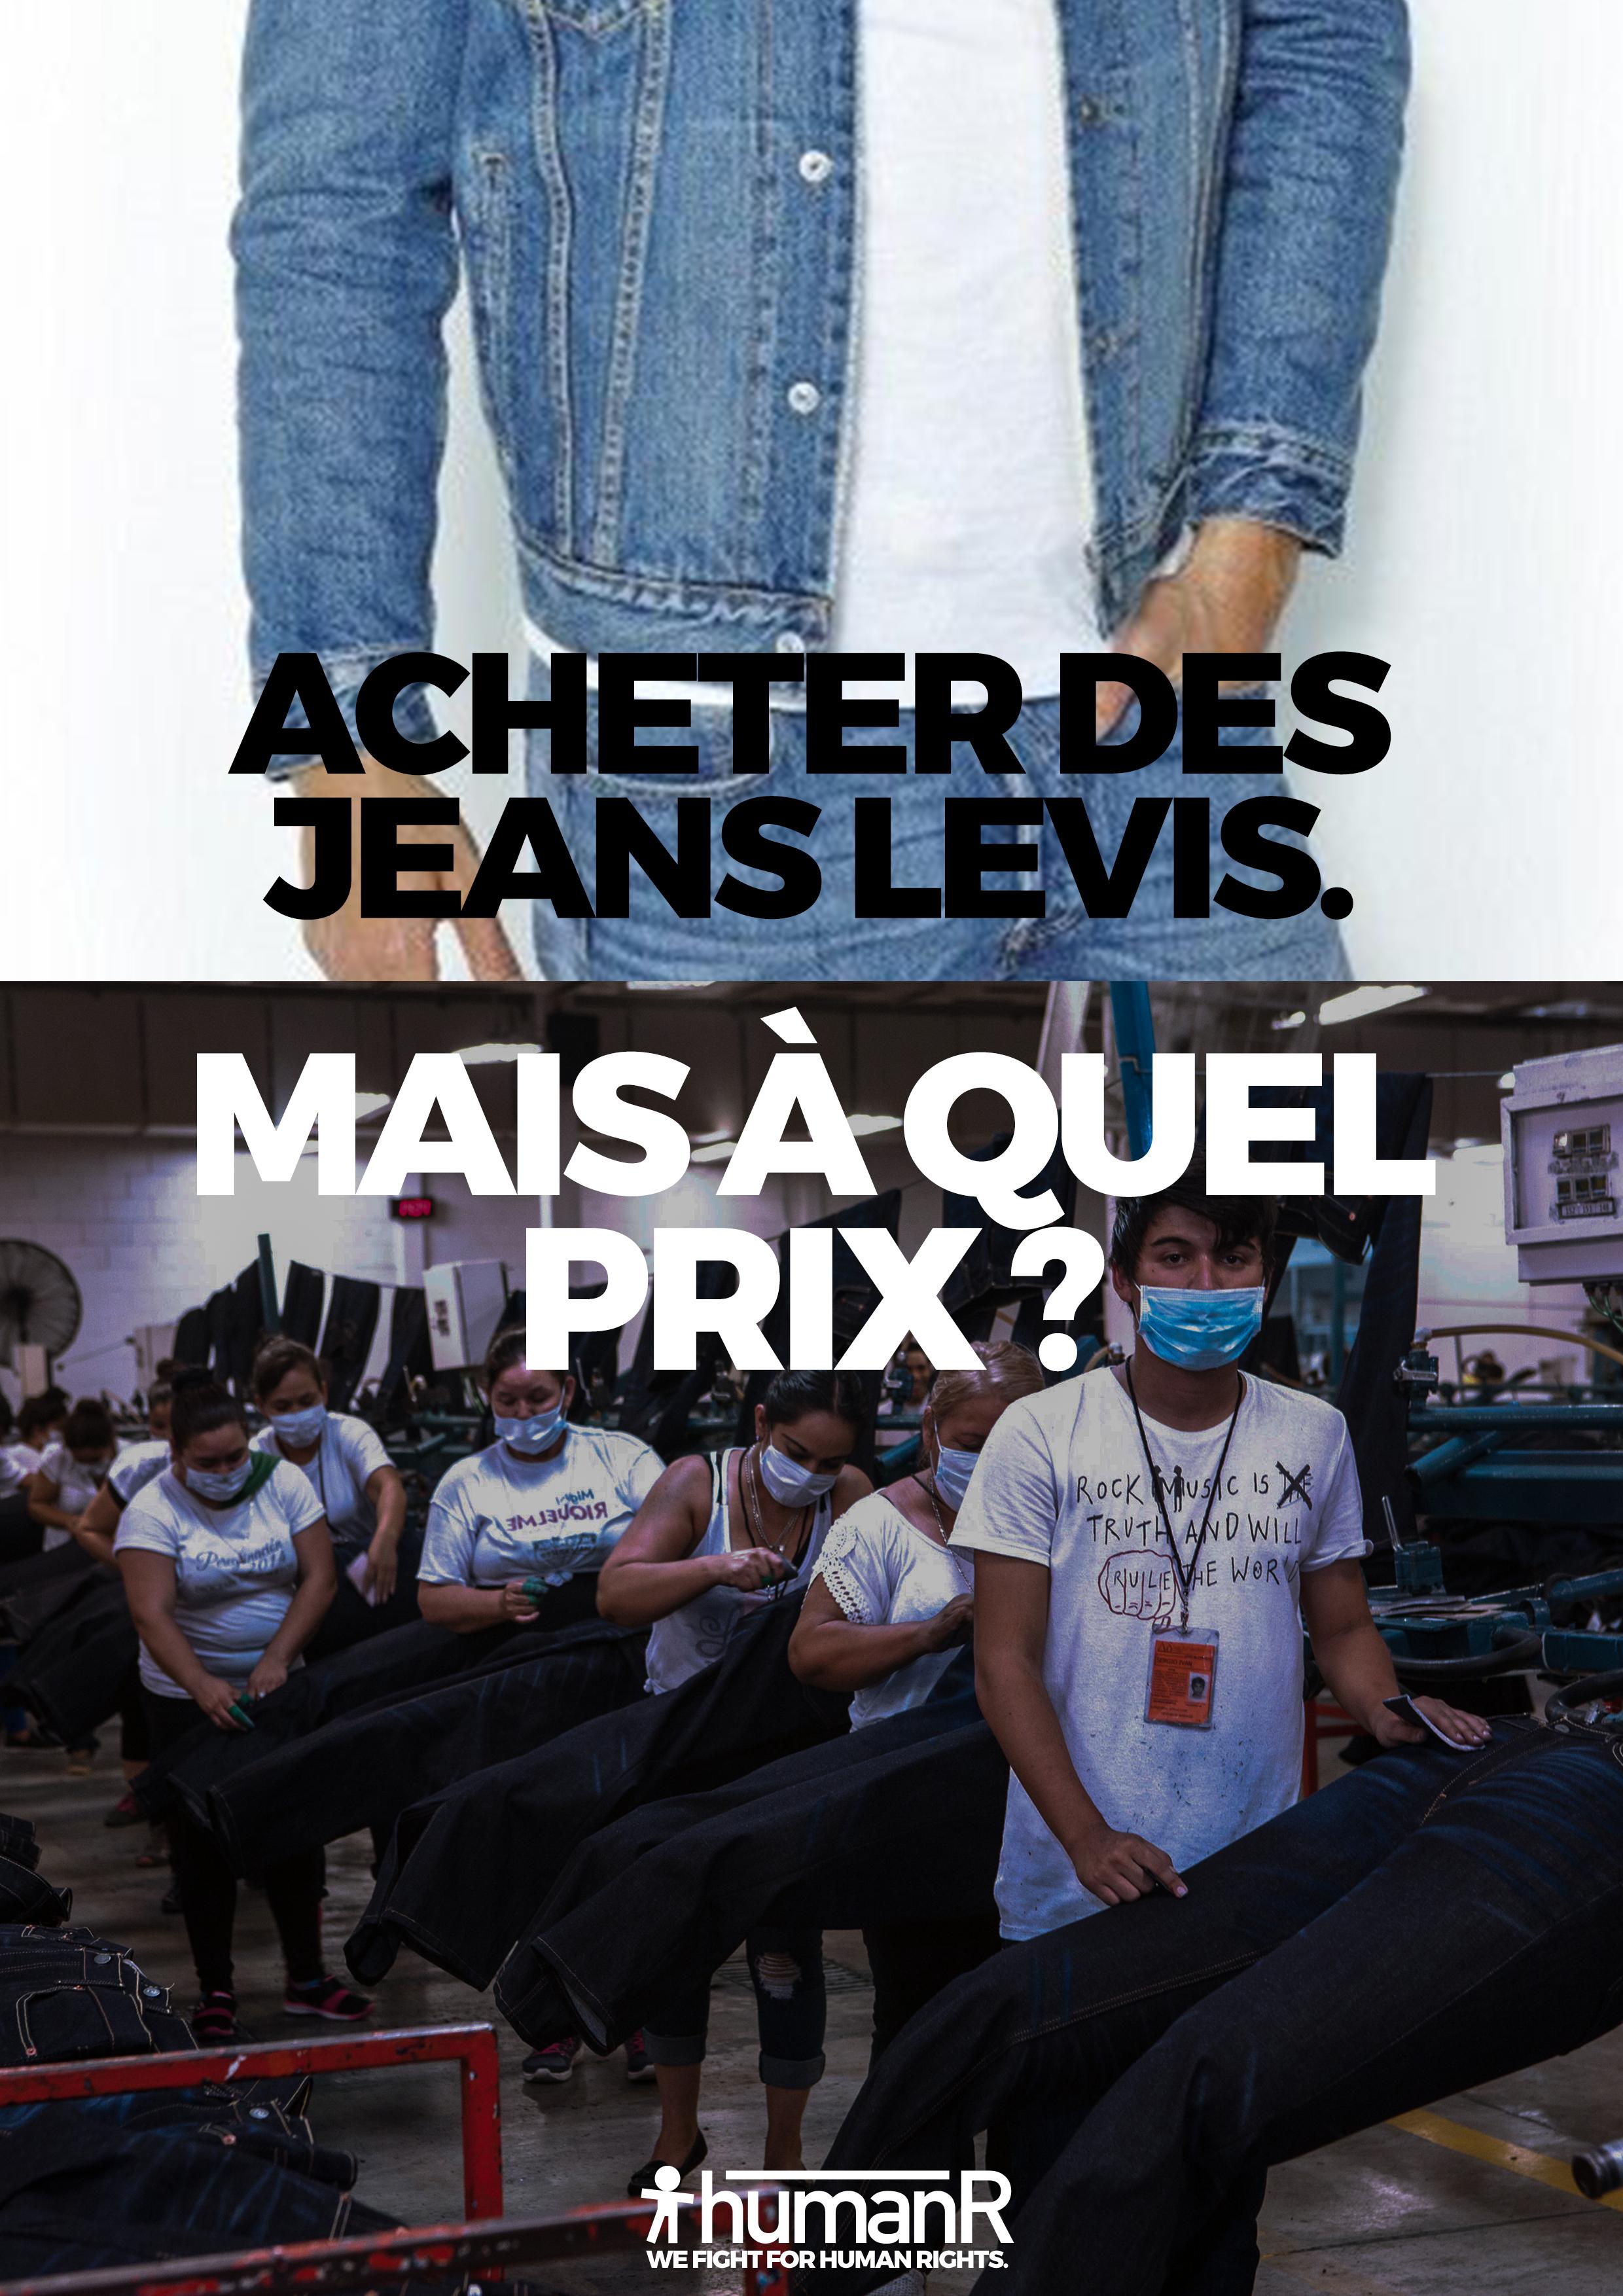 Poster denouncing Levis